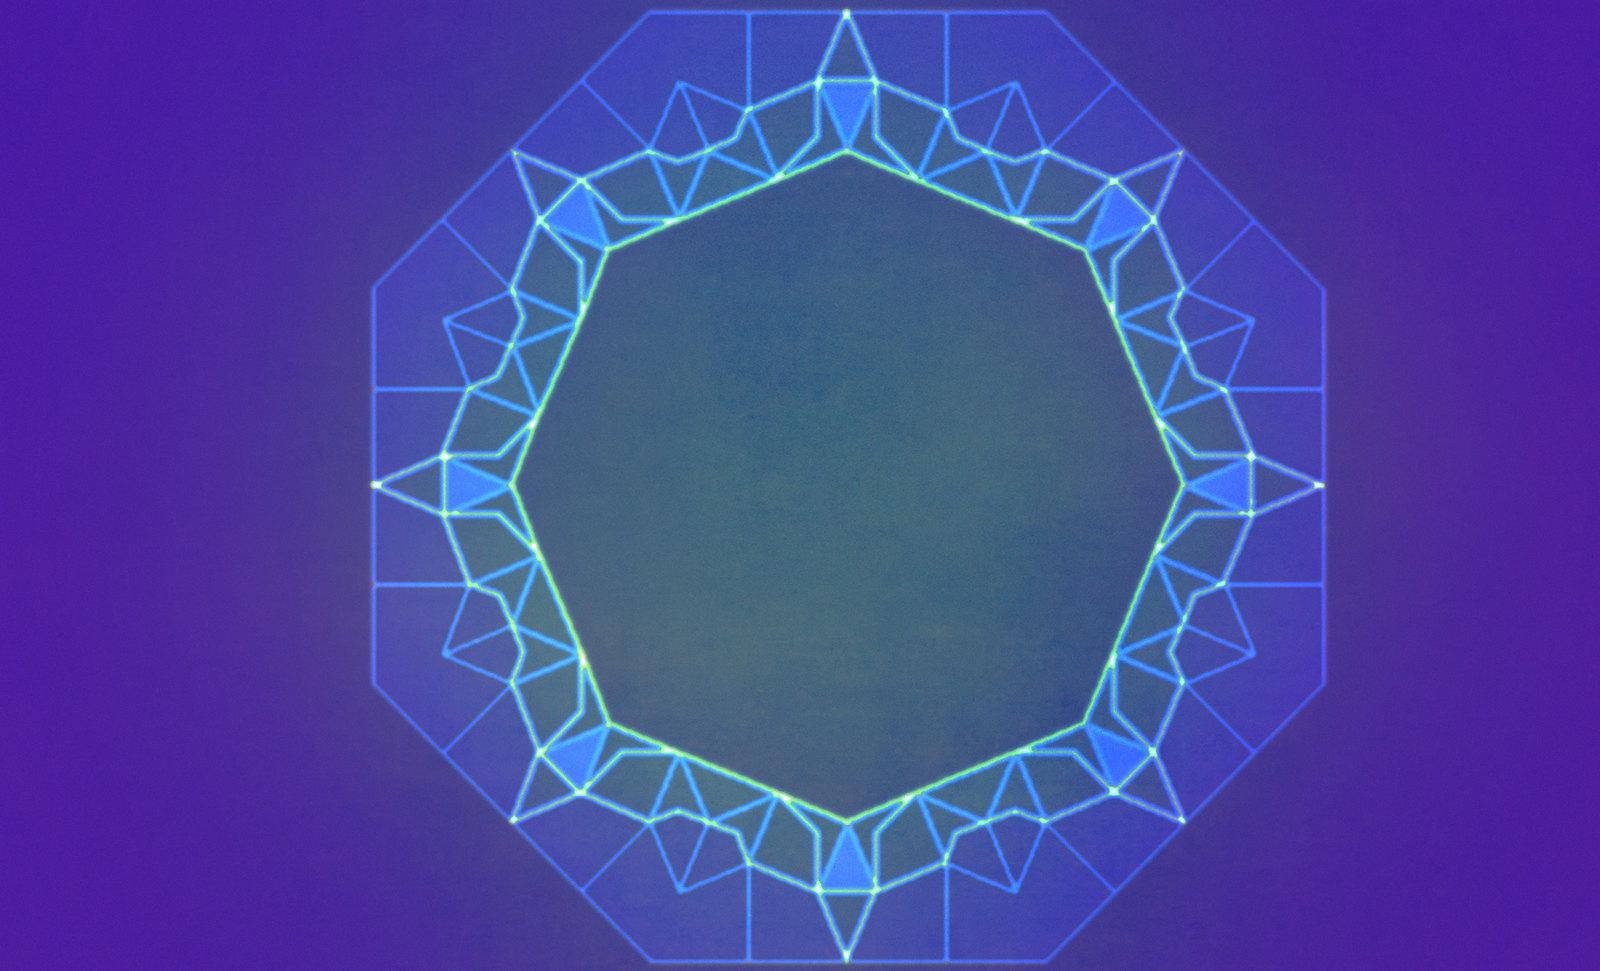 Constelaciones Radiales, visualizaciones cromáticas de circunvoluciones cósmicas